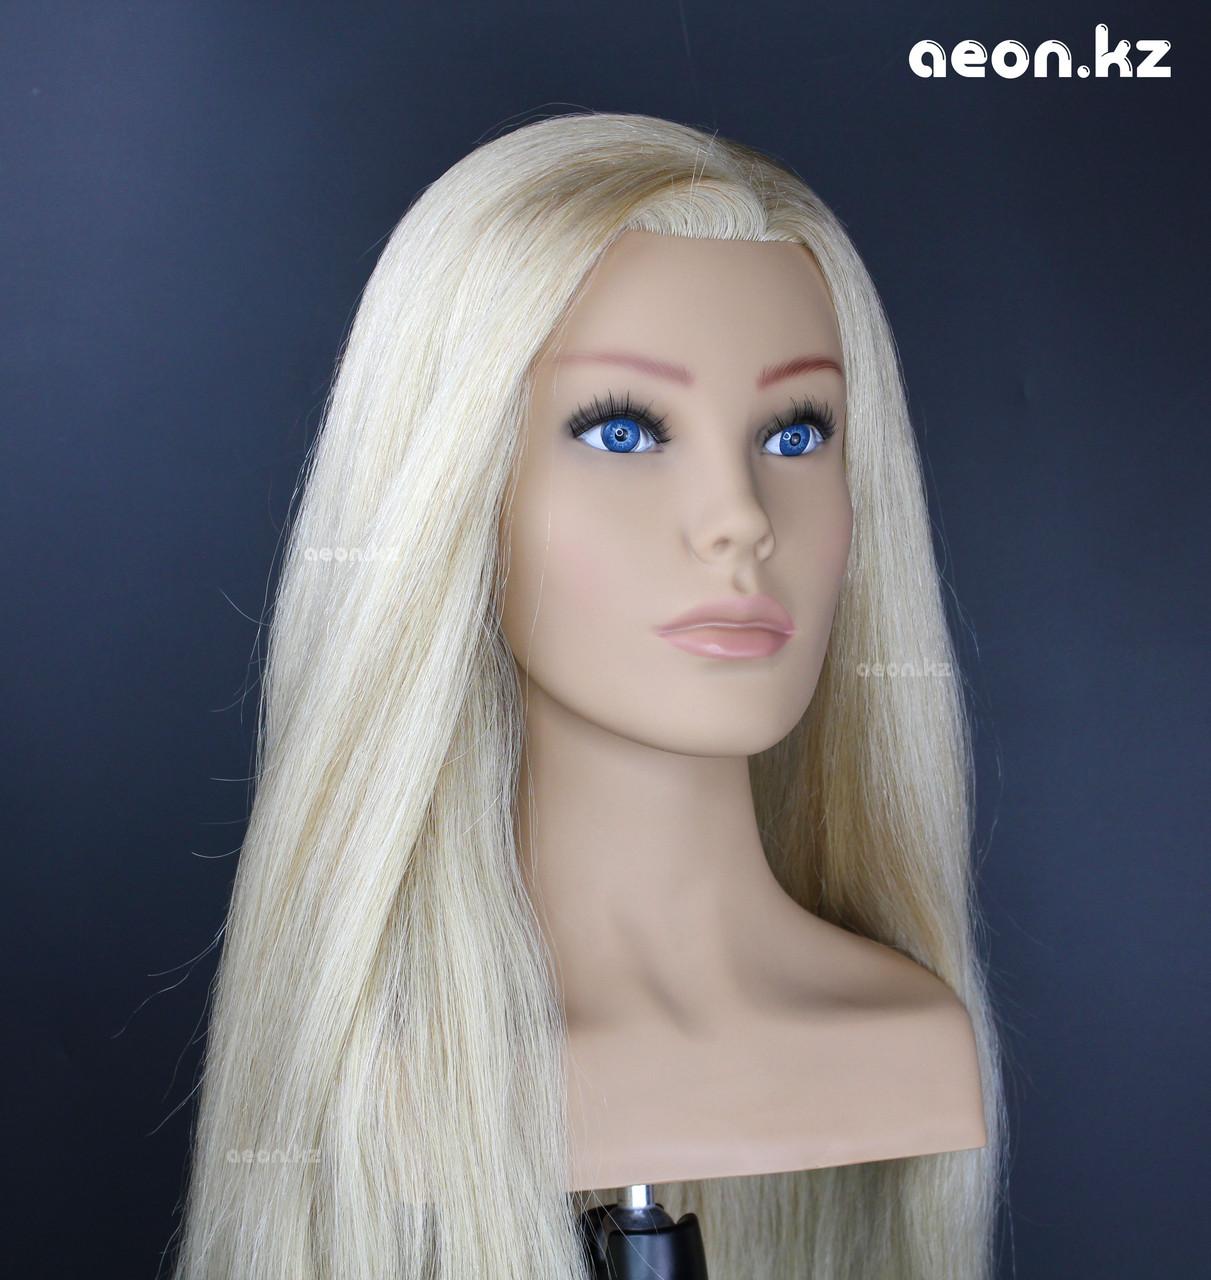 Голова-манекен AEON светло русый волос натуральный (100%) - 60 см - фото 2